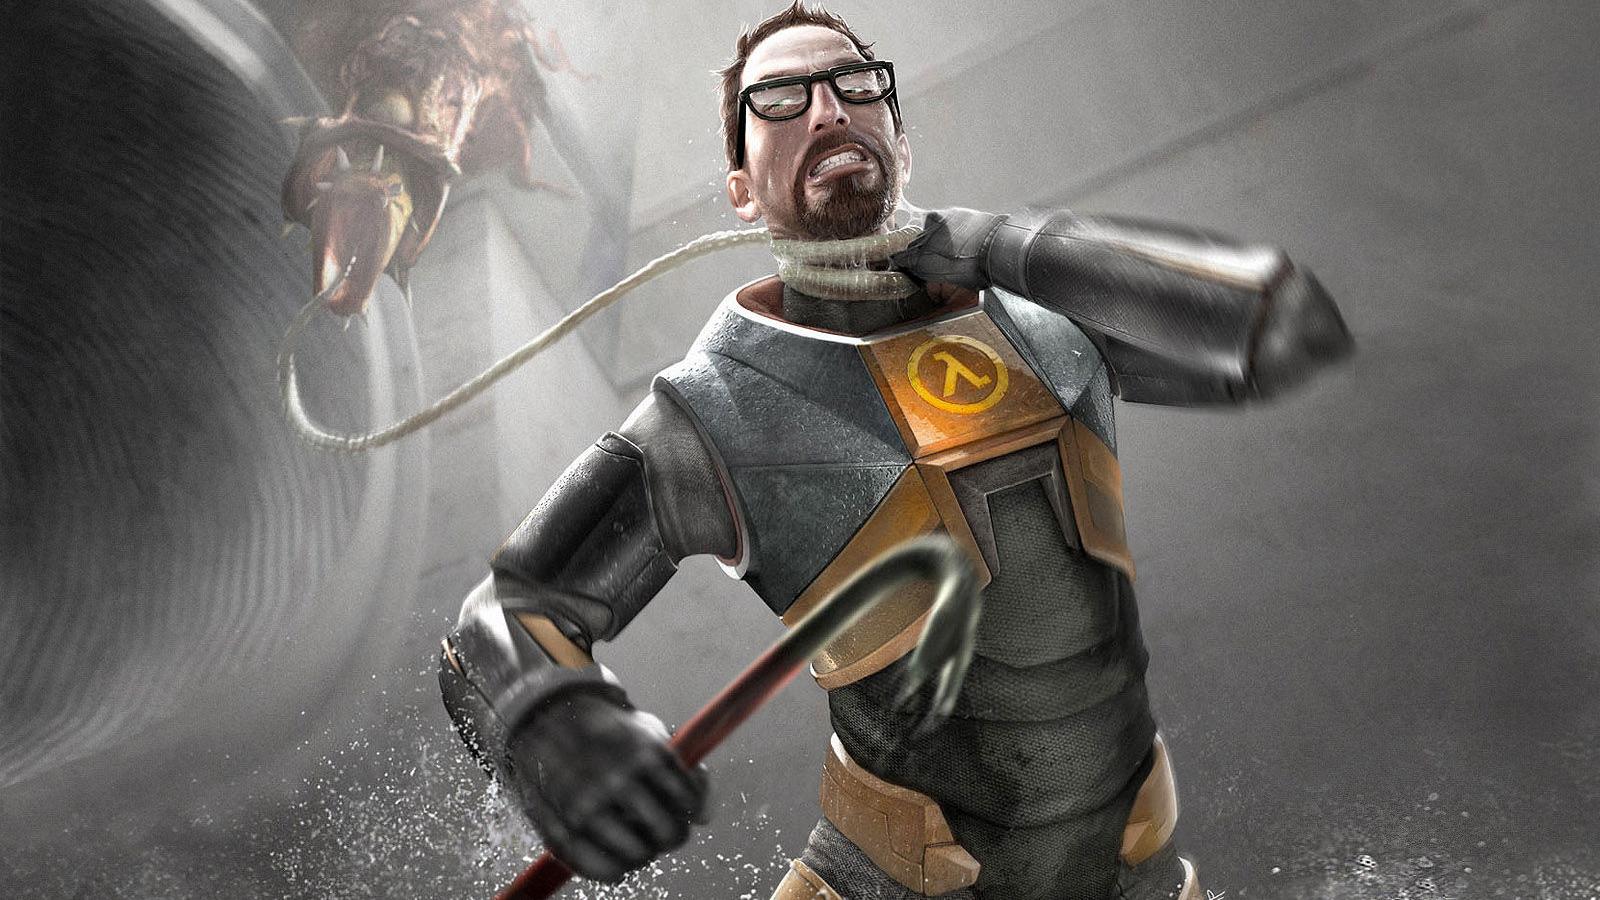 Видео: группа спидраннеров пробежала Half-Life 2 задом наперёд за 13 минут